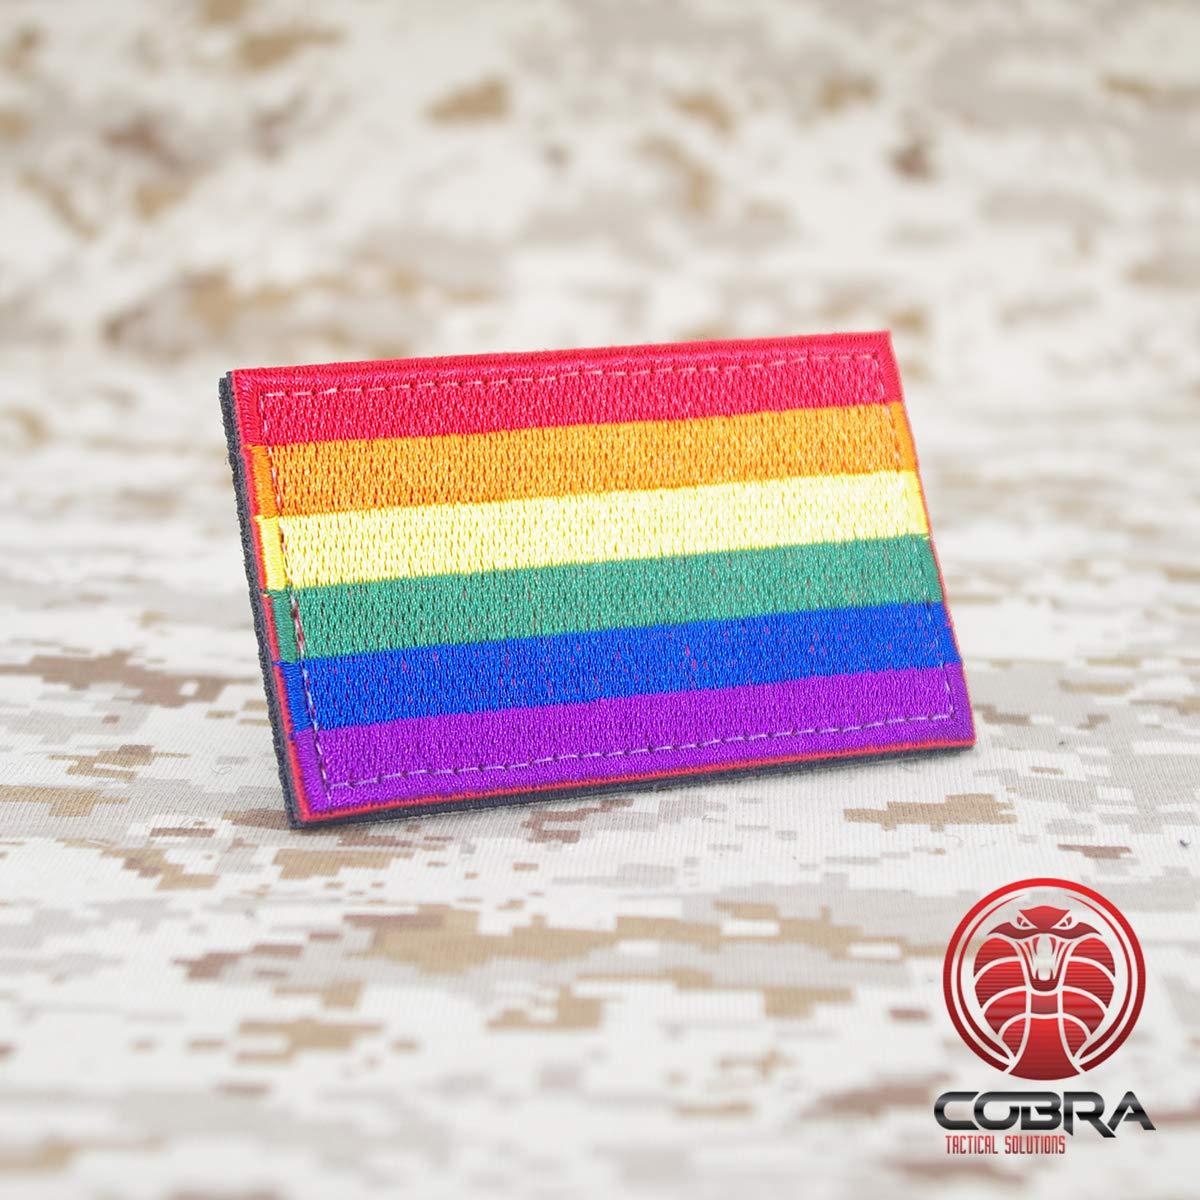 Cobra Tactical Solutions Military Patch Gay Pride LBGTQ Rainbow Flagge mit Klettverschluss f/ür Airsoft//Paintball f/ür Taktische Kleidung//Rucksack